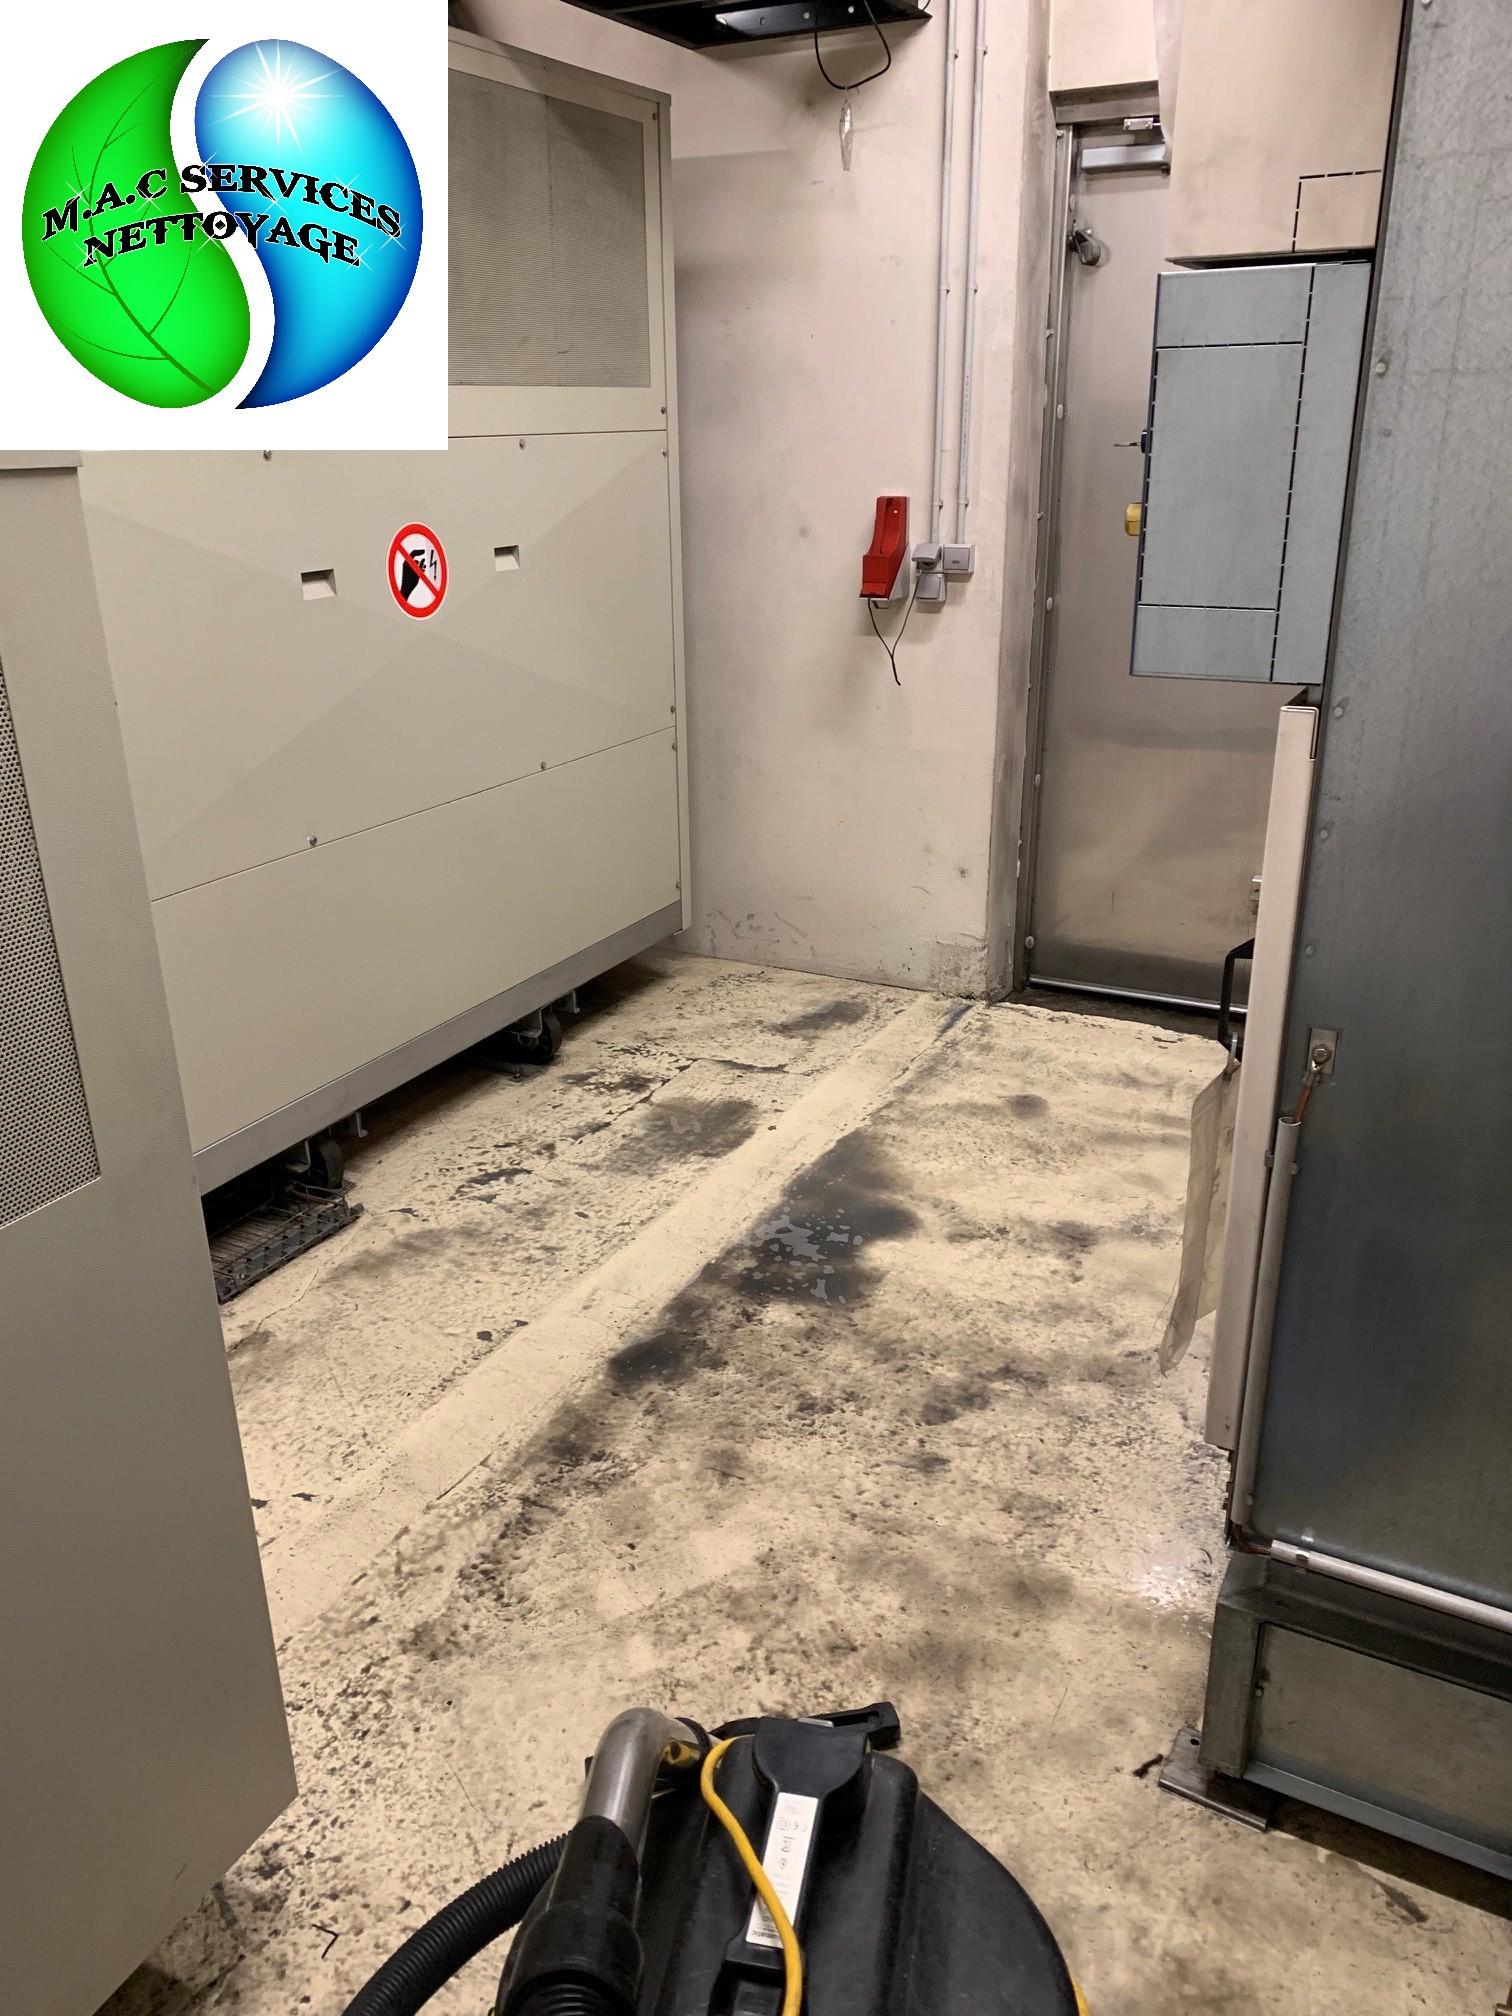 M.A.C SERVICES Nettoyage : Remise en état du tunnel du rond point de Saint-Etienne